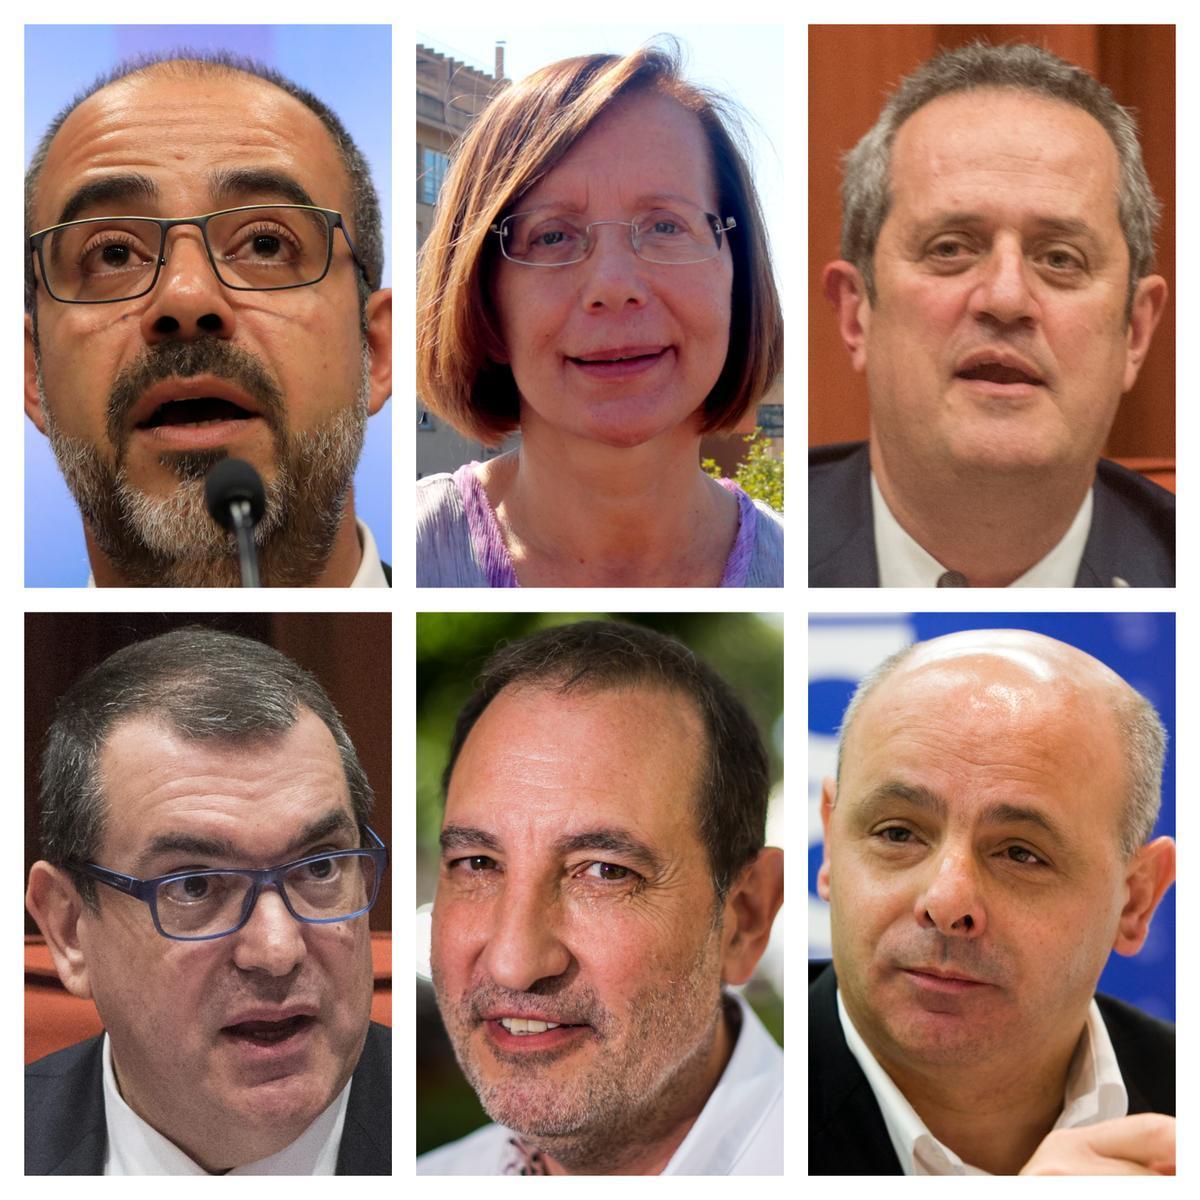 Los 'exconsellers' de Interior Miquel Buch, Montserrat Tura, Joaquim Forn, Jordi Jané y Ramon Espadaler, y el exsecretario general de Interior Joan Boada